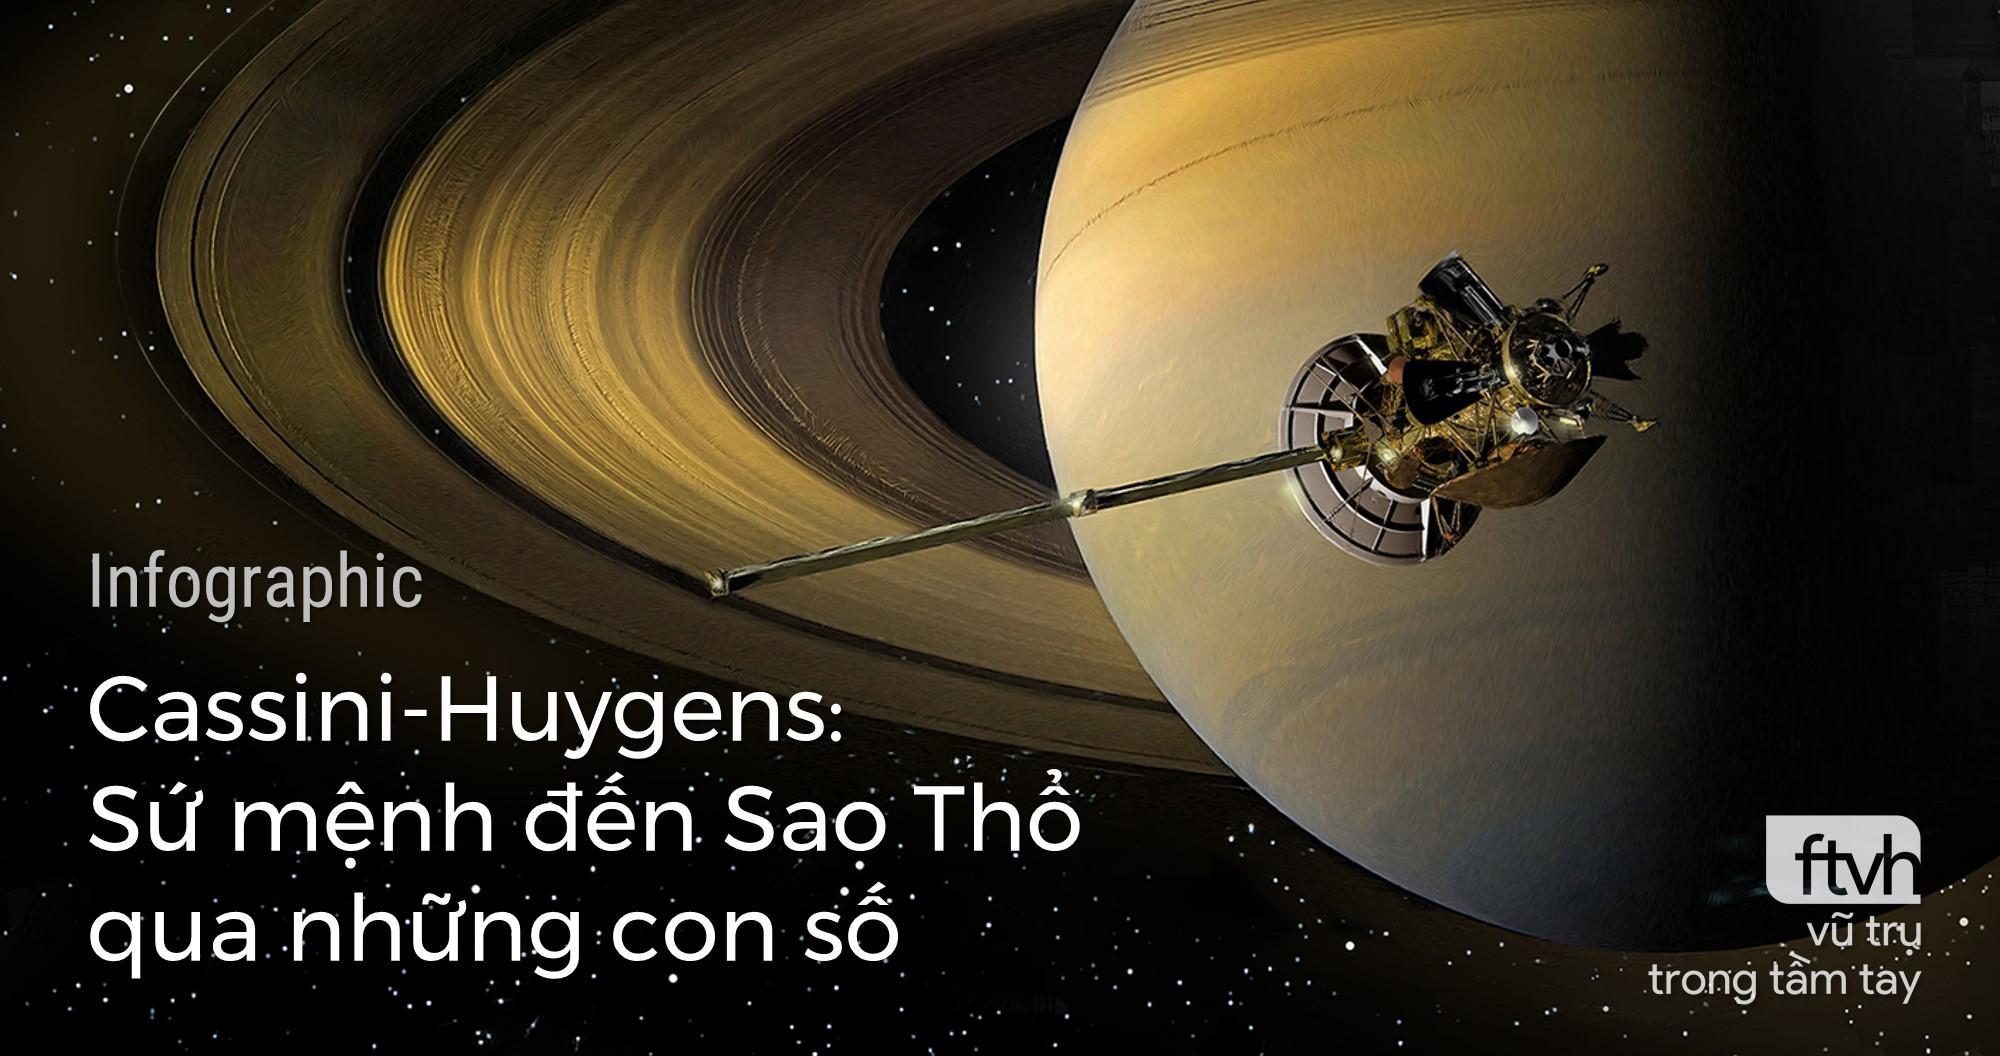 [Infographic] Cassini-Huygens: Sứ mệnh đến Sao Thổ qua những con số